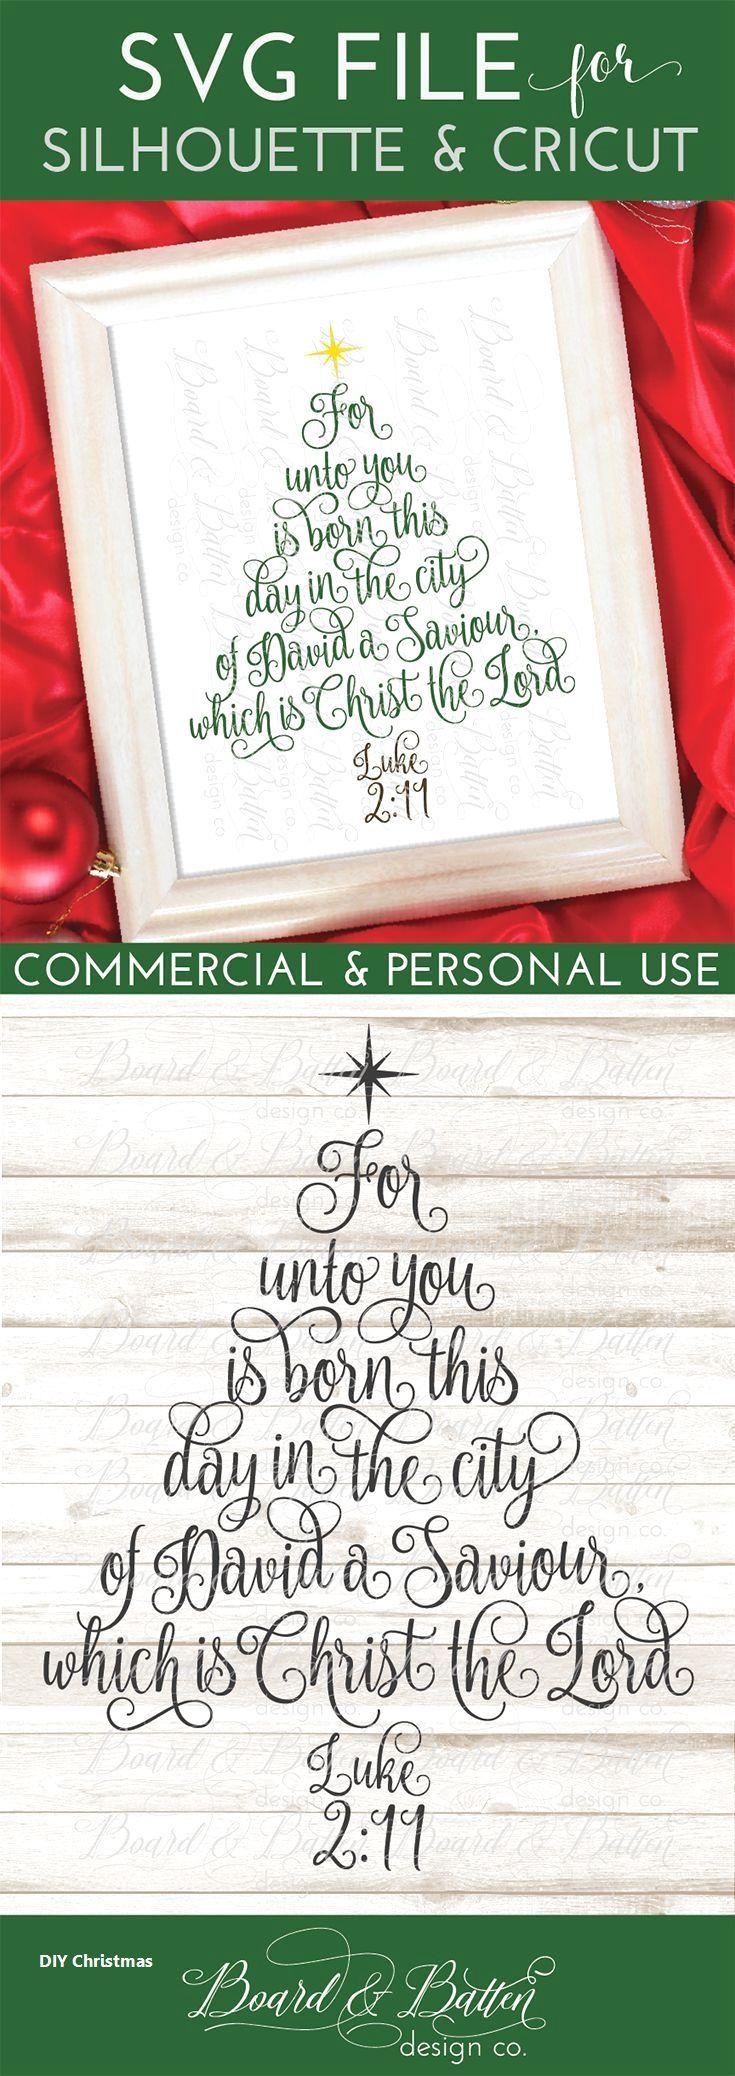 Neue DIY Weihnachten 2019 Trends #diychristmas  #diychristmas #trends #weihnachten #DIY #Crafting #weihnachtsdeko2019trend